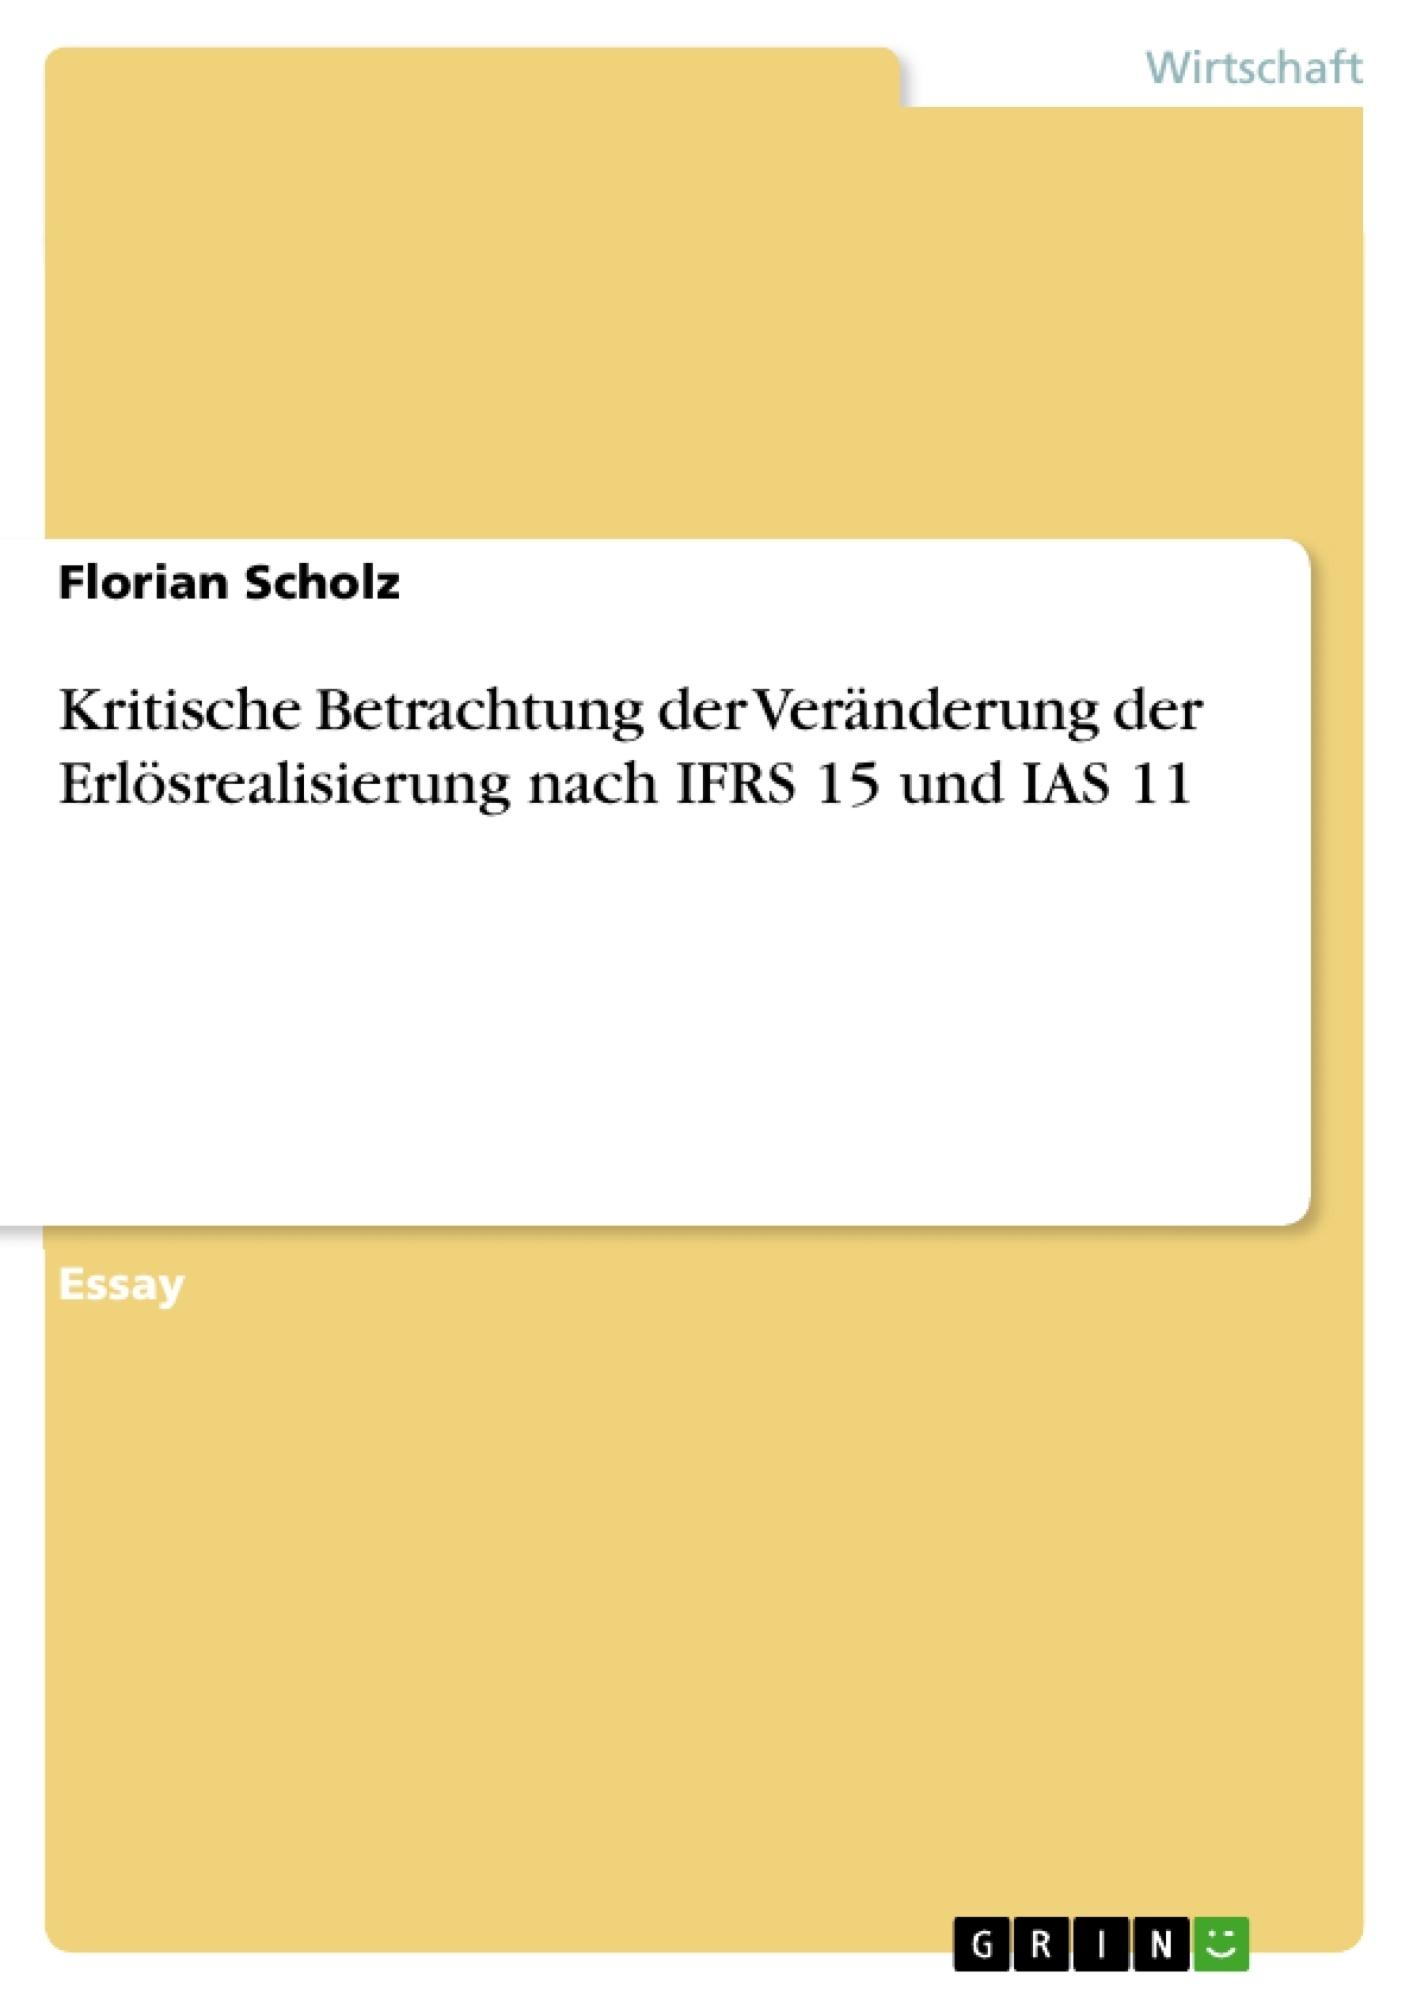 Titel: Kritische Betrachtung der Veränderung der Erlösrealisierung nach IFRS 15 und IAS 11